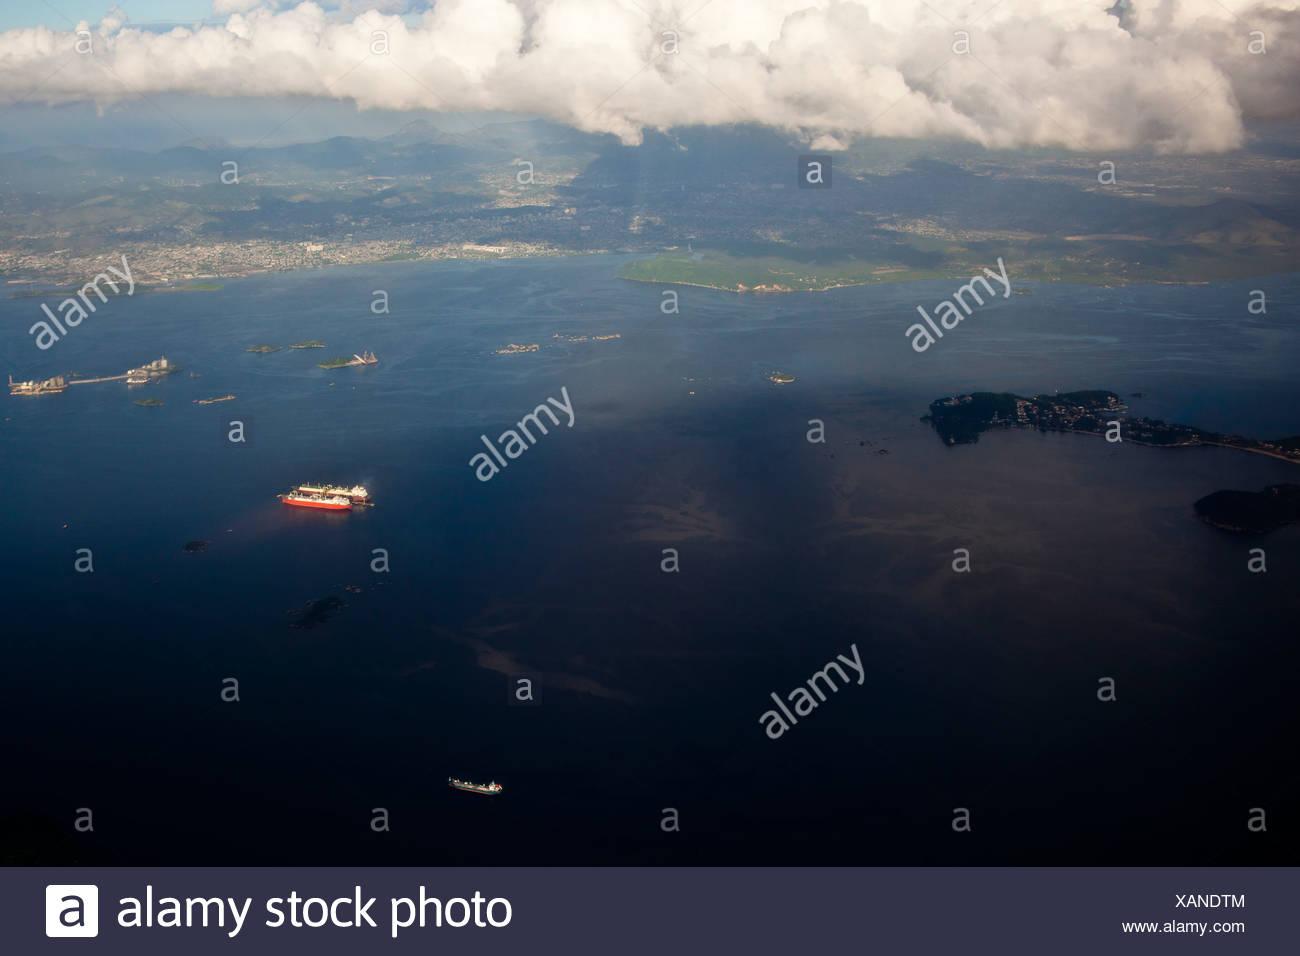 Déversement de pétrole près de Paqueta island Baie de Guanabara Rio de Janeiro Brésil la dégradation de la pollution de l'eau Photo Stock